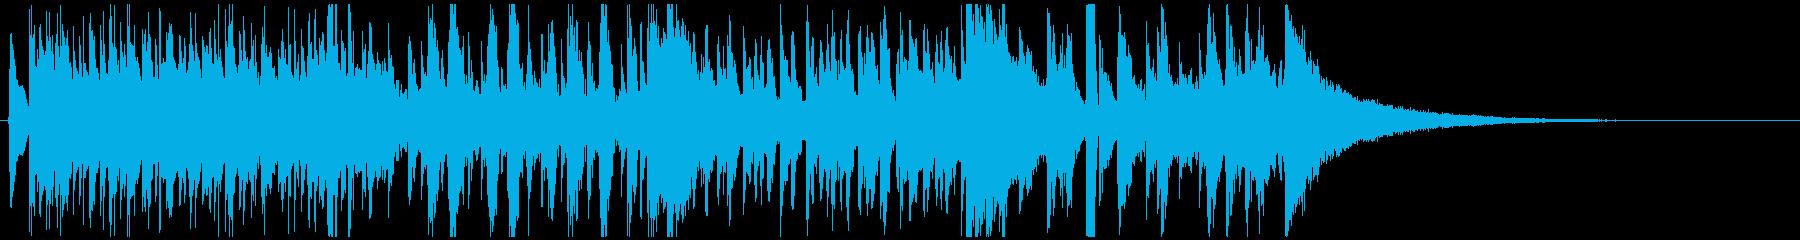 ジャズピアノジングル かっこいい疾走感の再生済みの波形